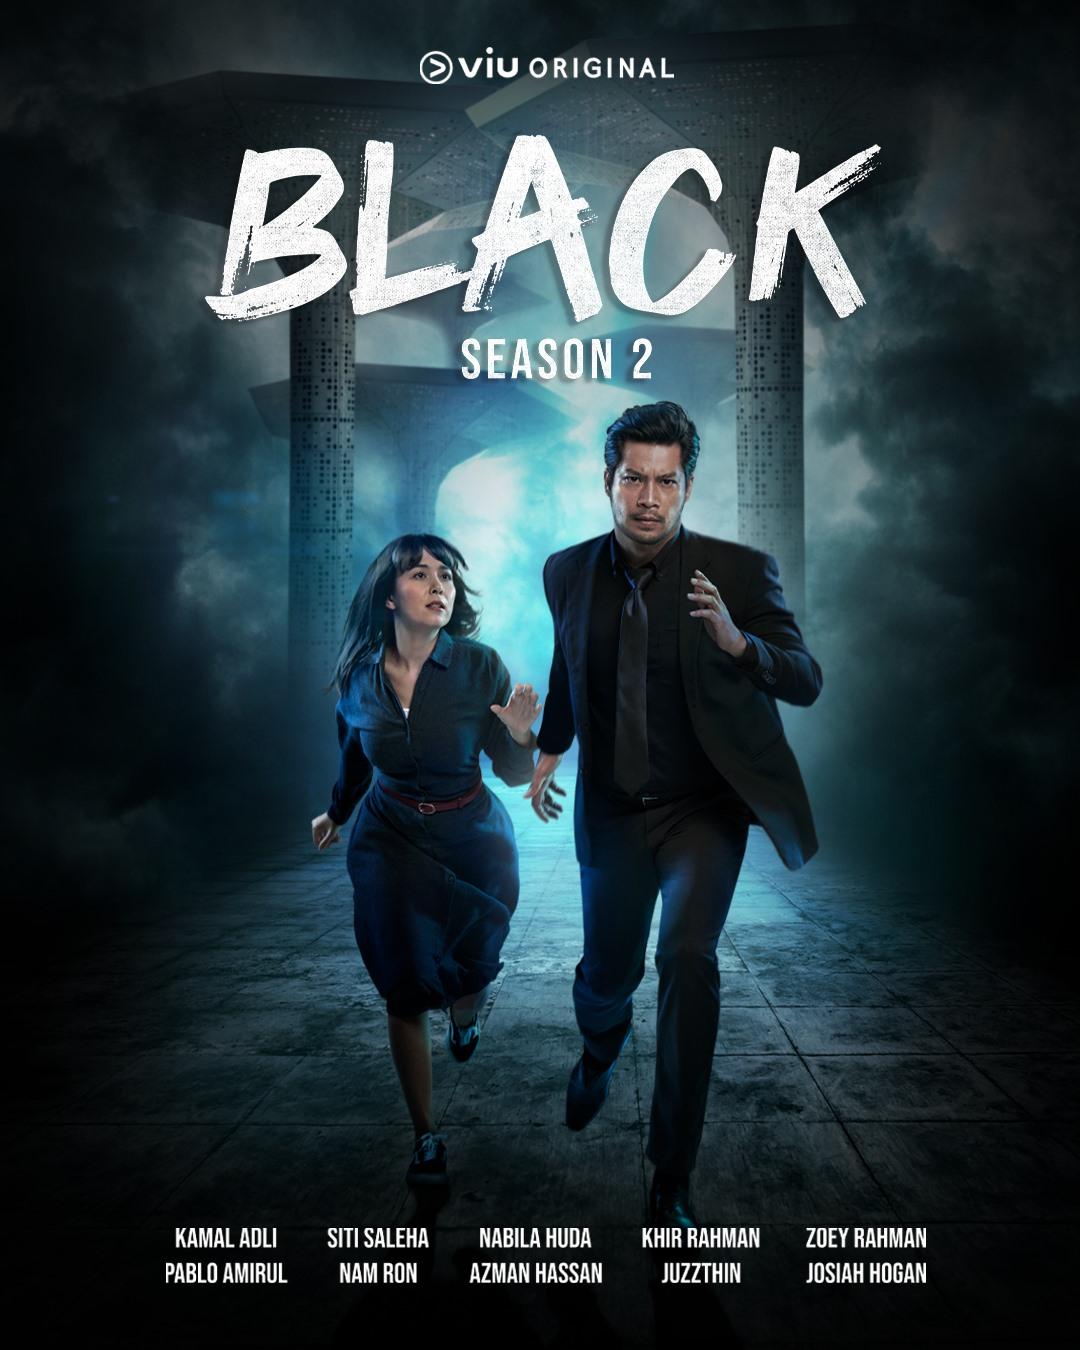 Black 2 Viu